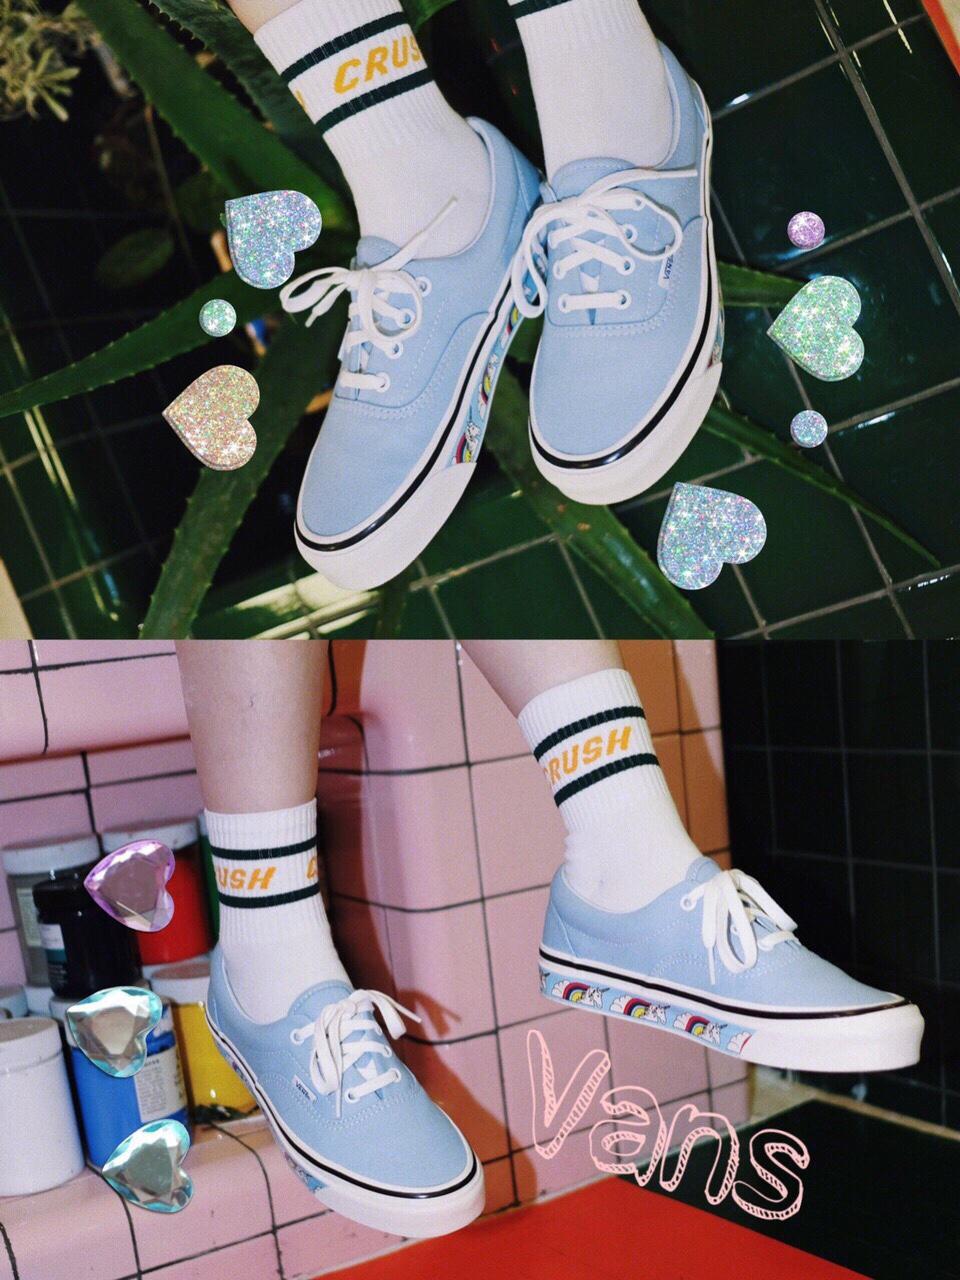 表情 Vans Era 95 DX 独角兽天蓝色的帆布鞋身,搭载UltraCUSH 中底缓震科技 OG  表情